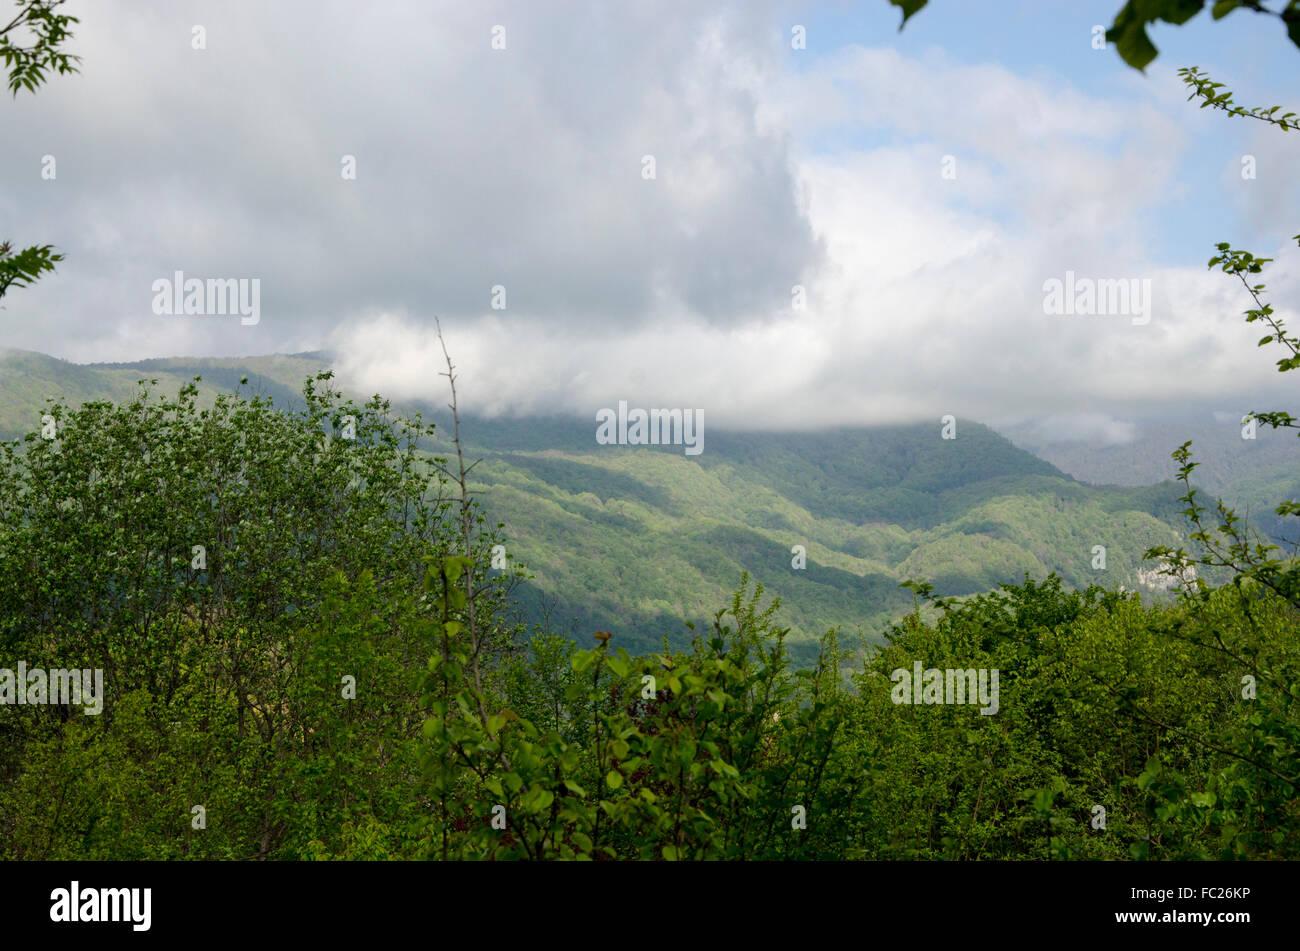 Dark skies. Georgia. - Stock Image